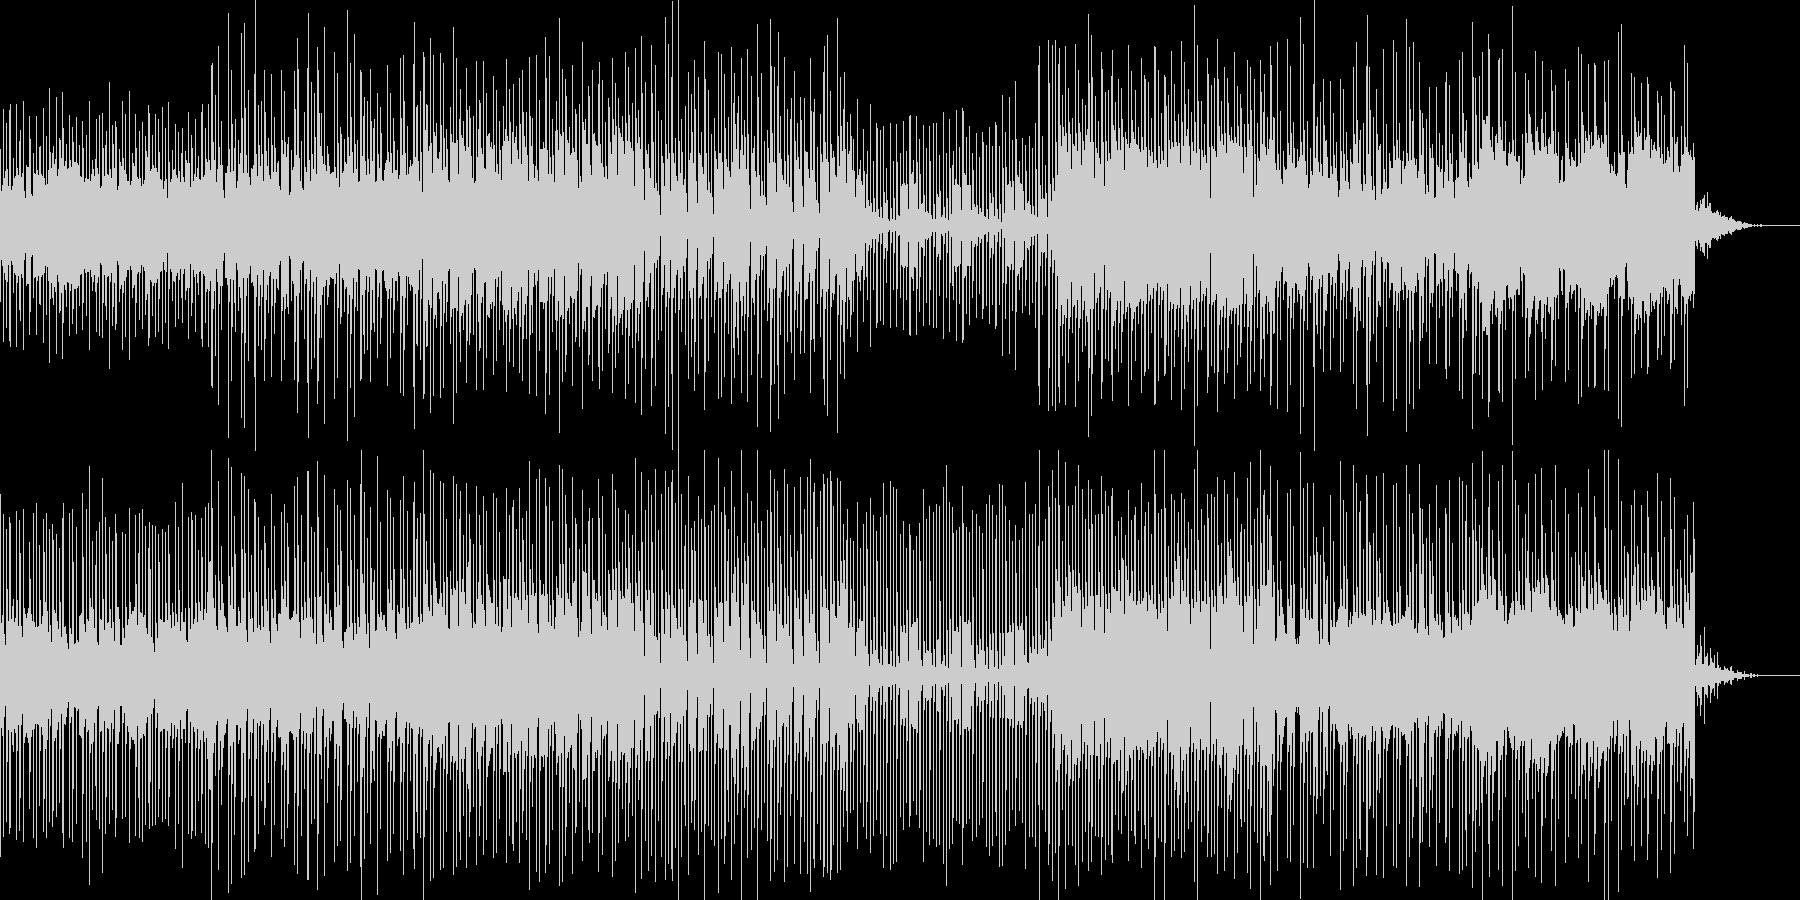 8bit風のピコピコ音と走り抜けるリズムの未再生の波形